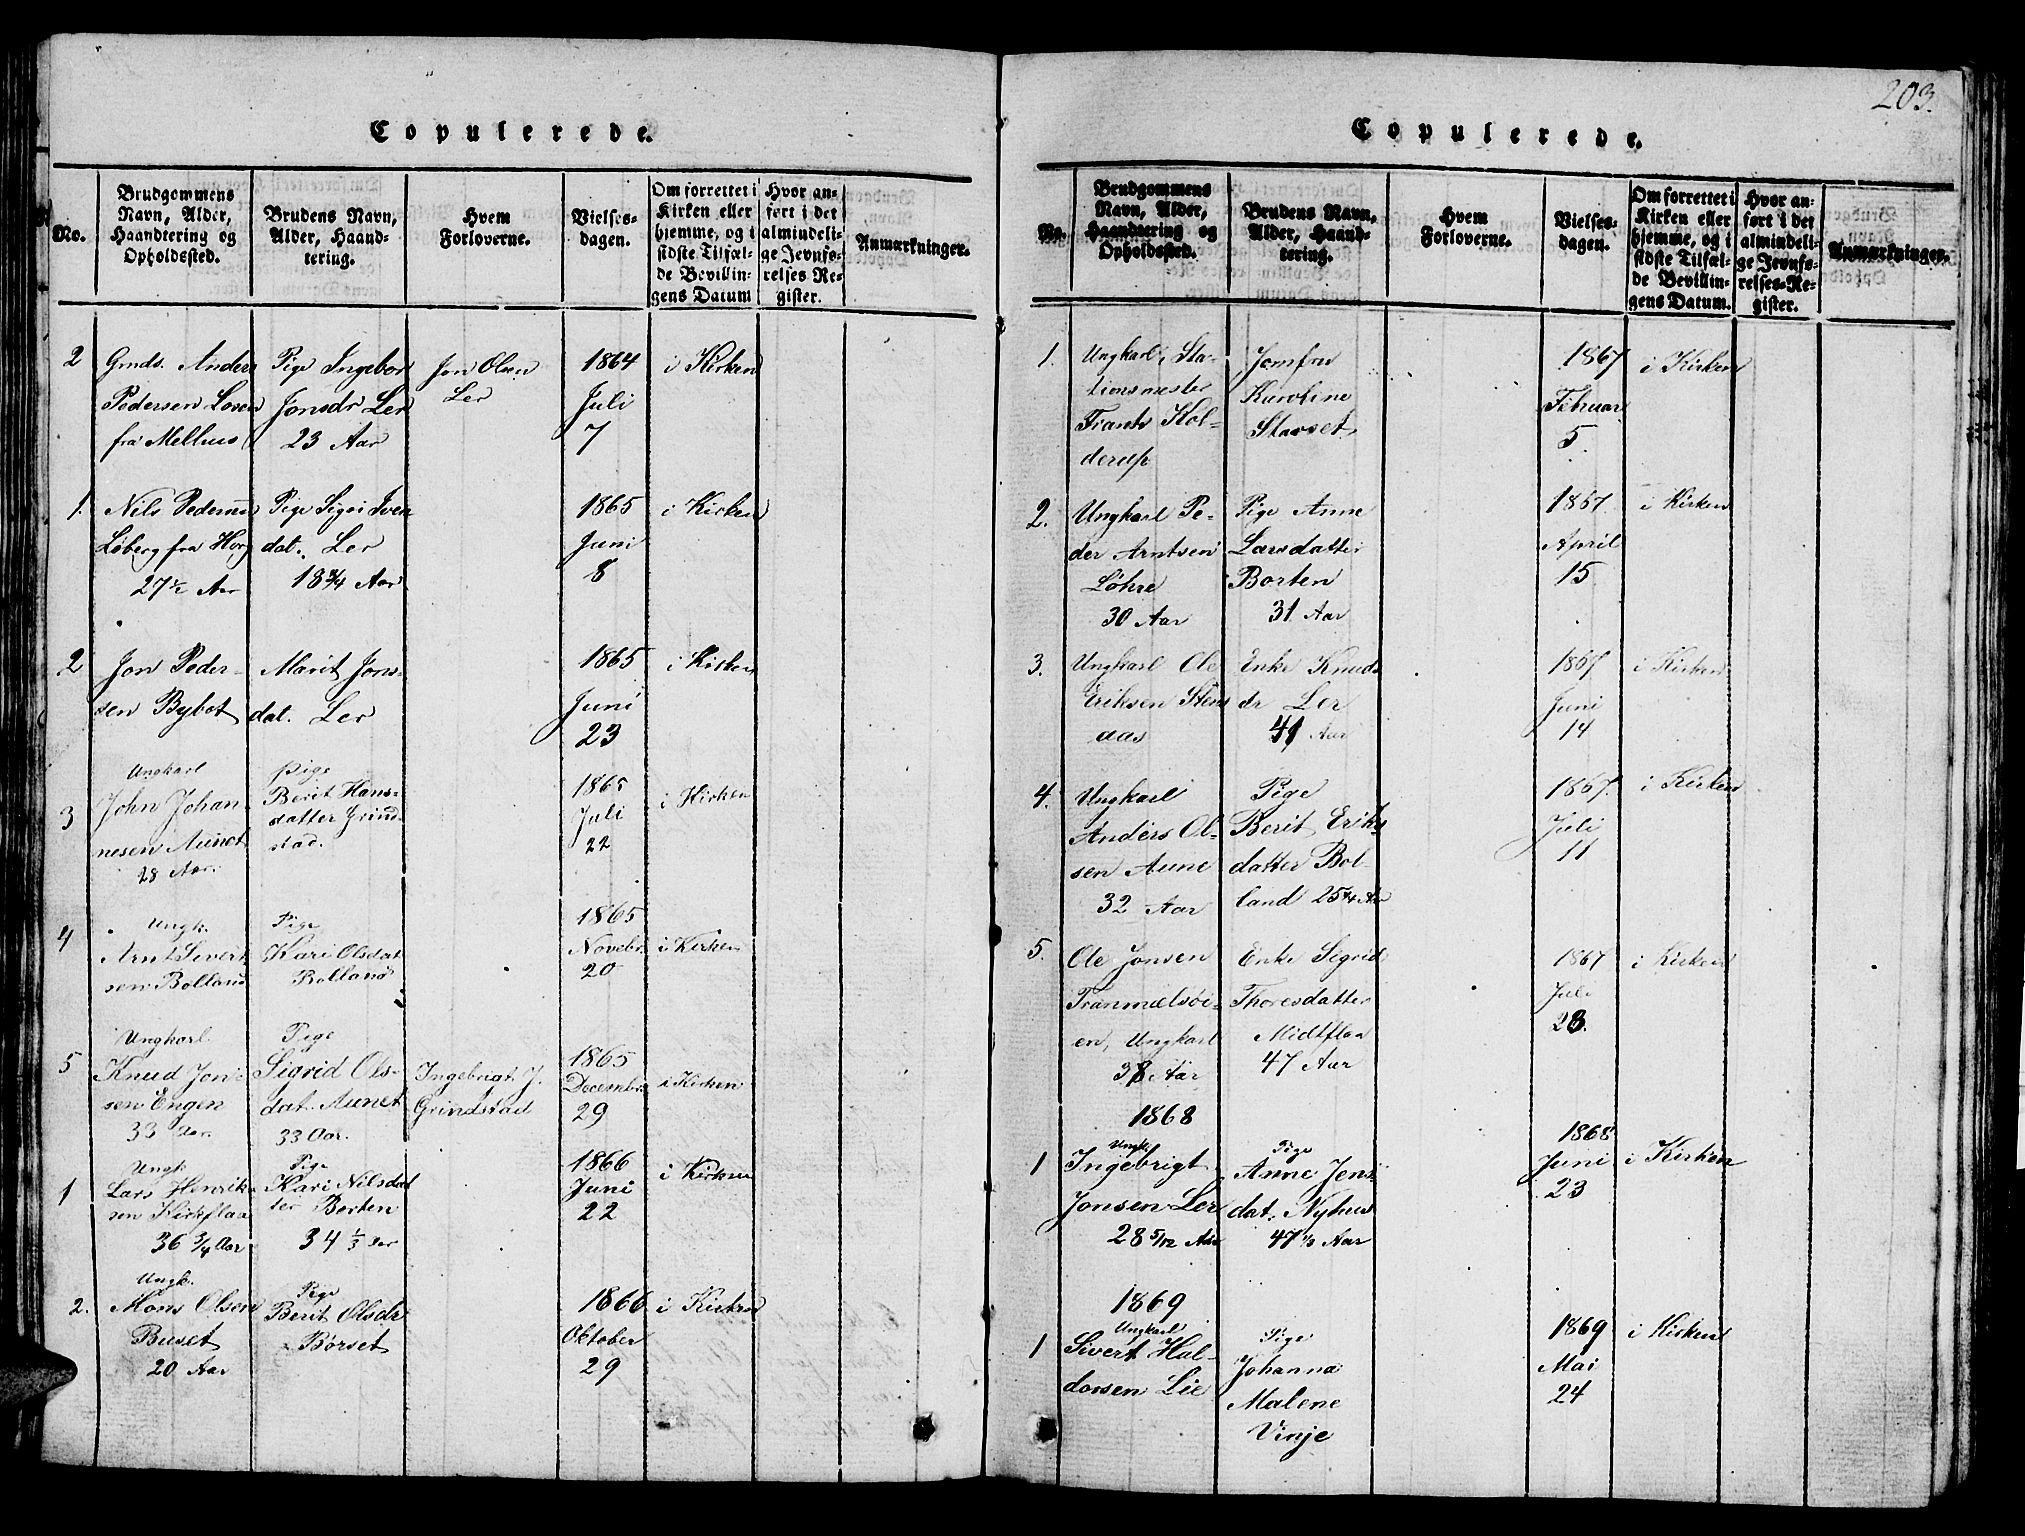 SAT, Ministerialprotokoller, klokkerbøker og fødselsregistre - Sør-Trøndelag, 693/L1121: Klokkerbok nr. 693C02, 1816-1869, s. 203